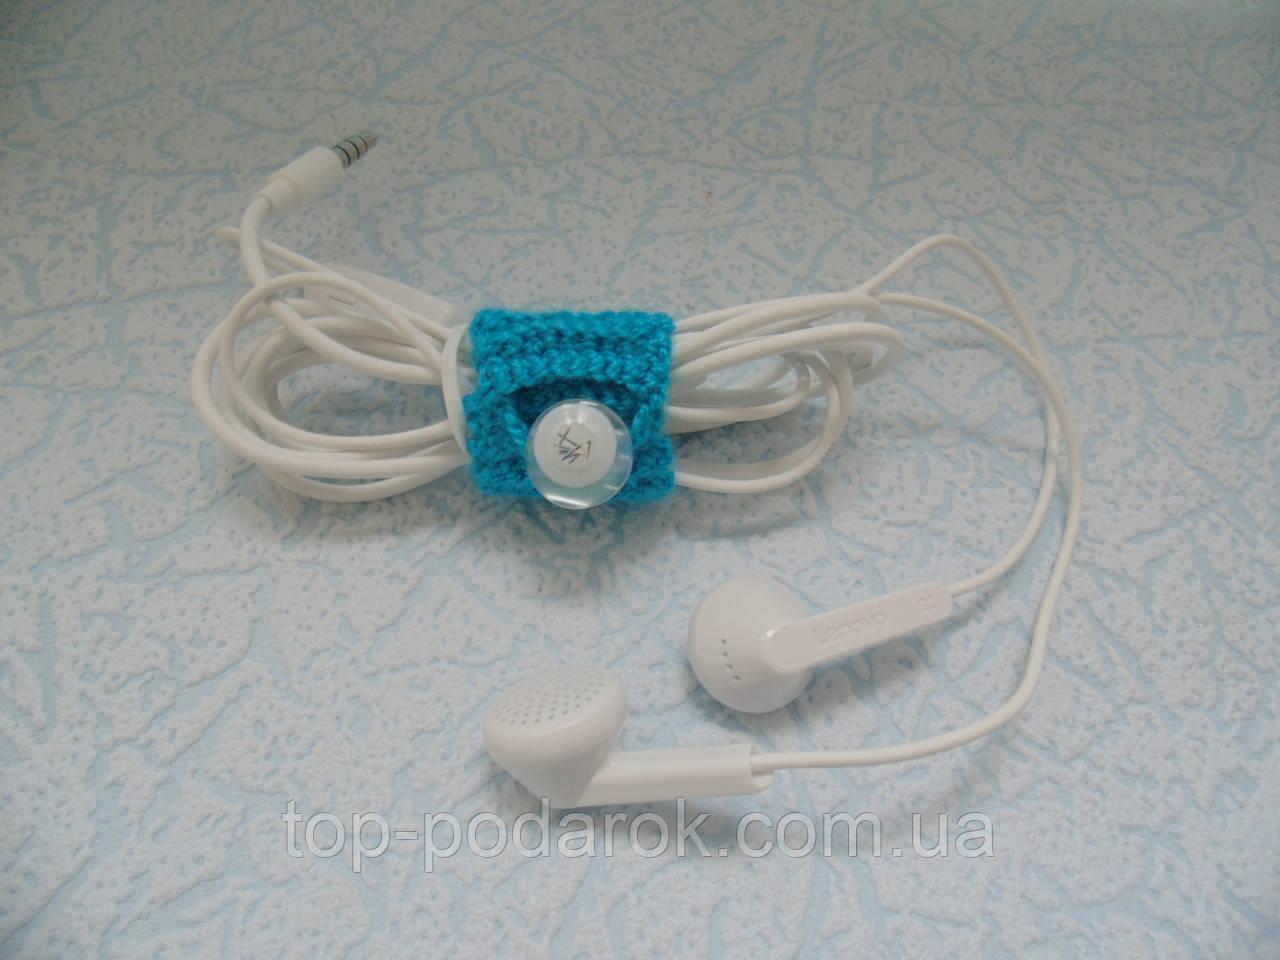 Холдер затиск для навушників або usb кабелю